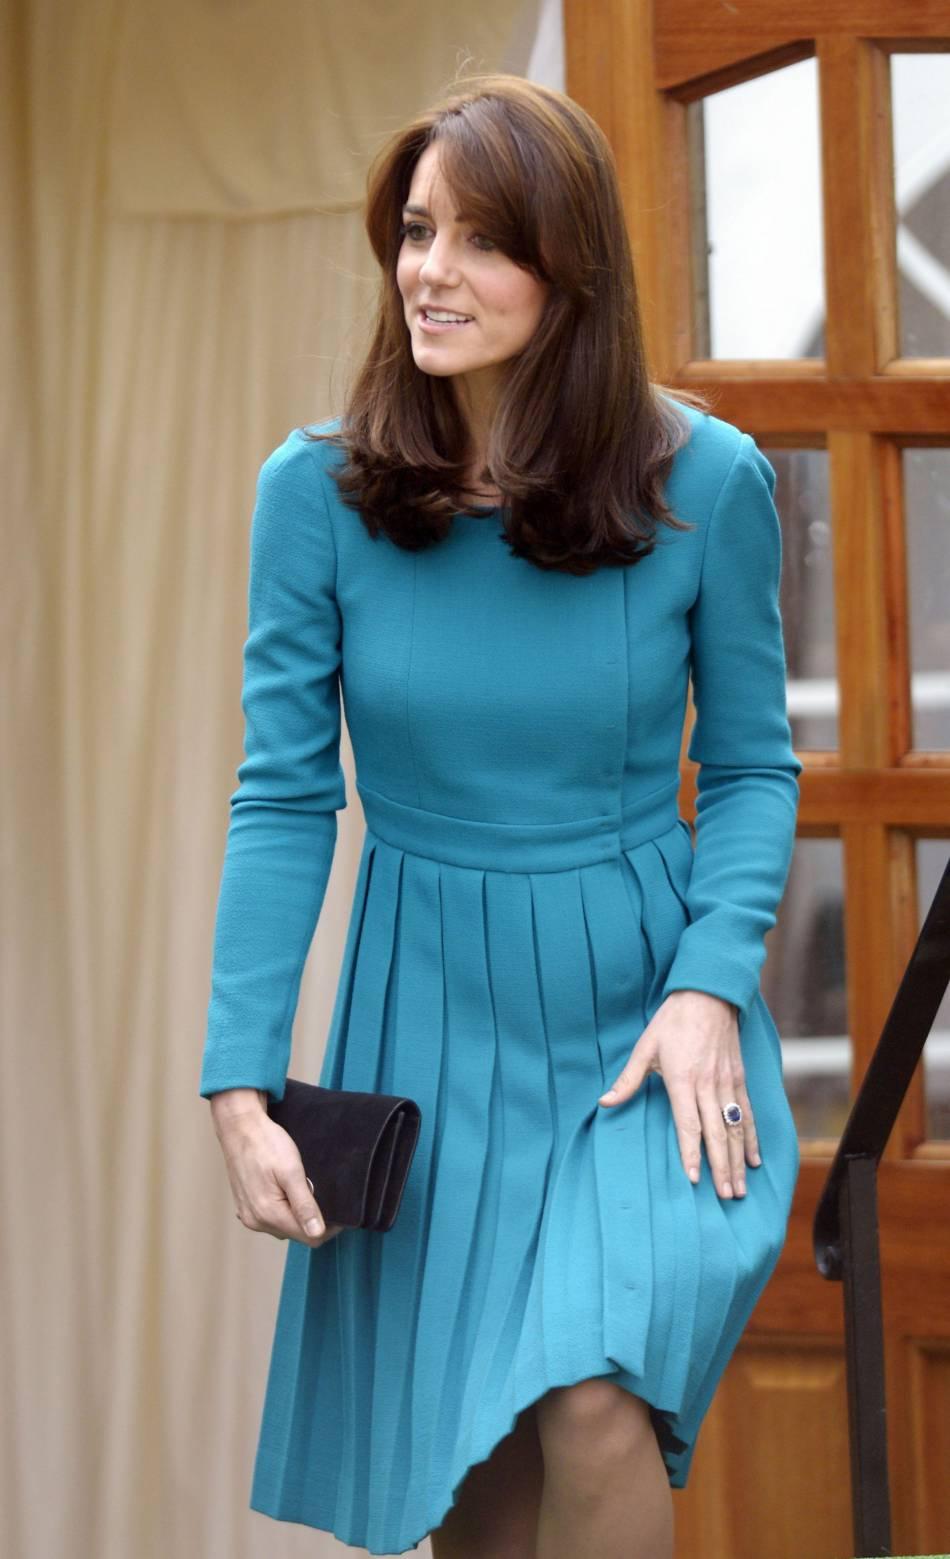 Kate Middleton en turquoise pour visiter un centre de désintoxication. Un hommage à Lady Diana ?